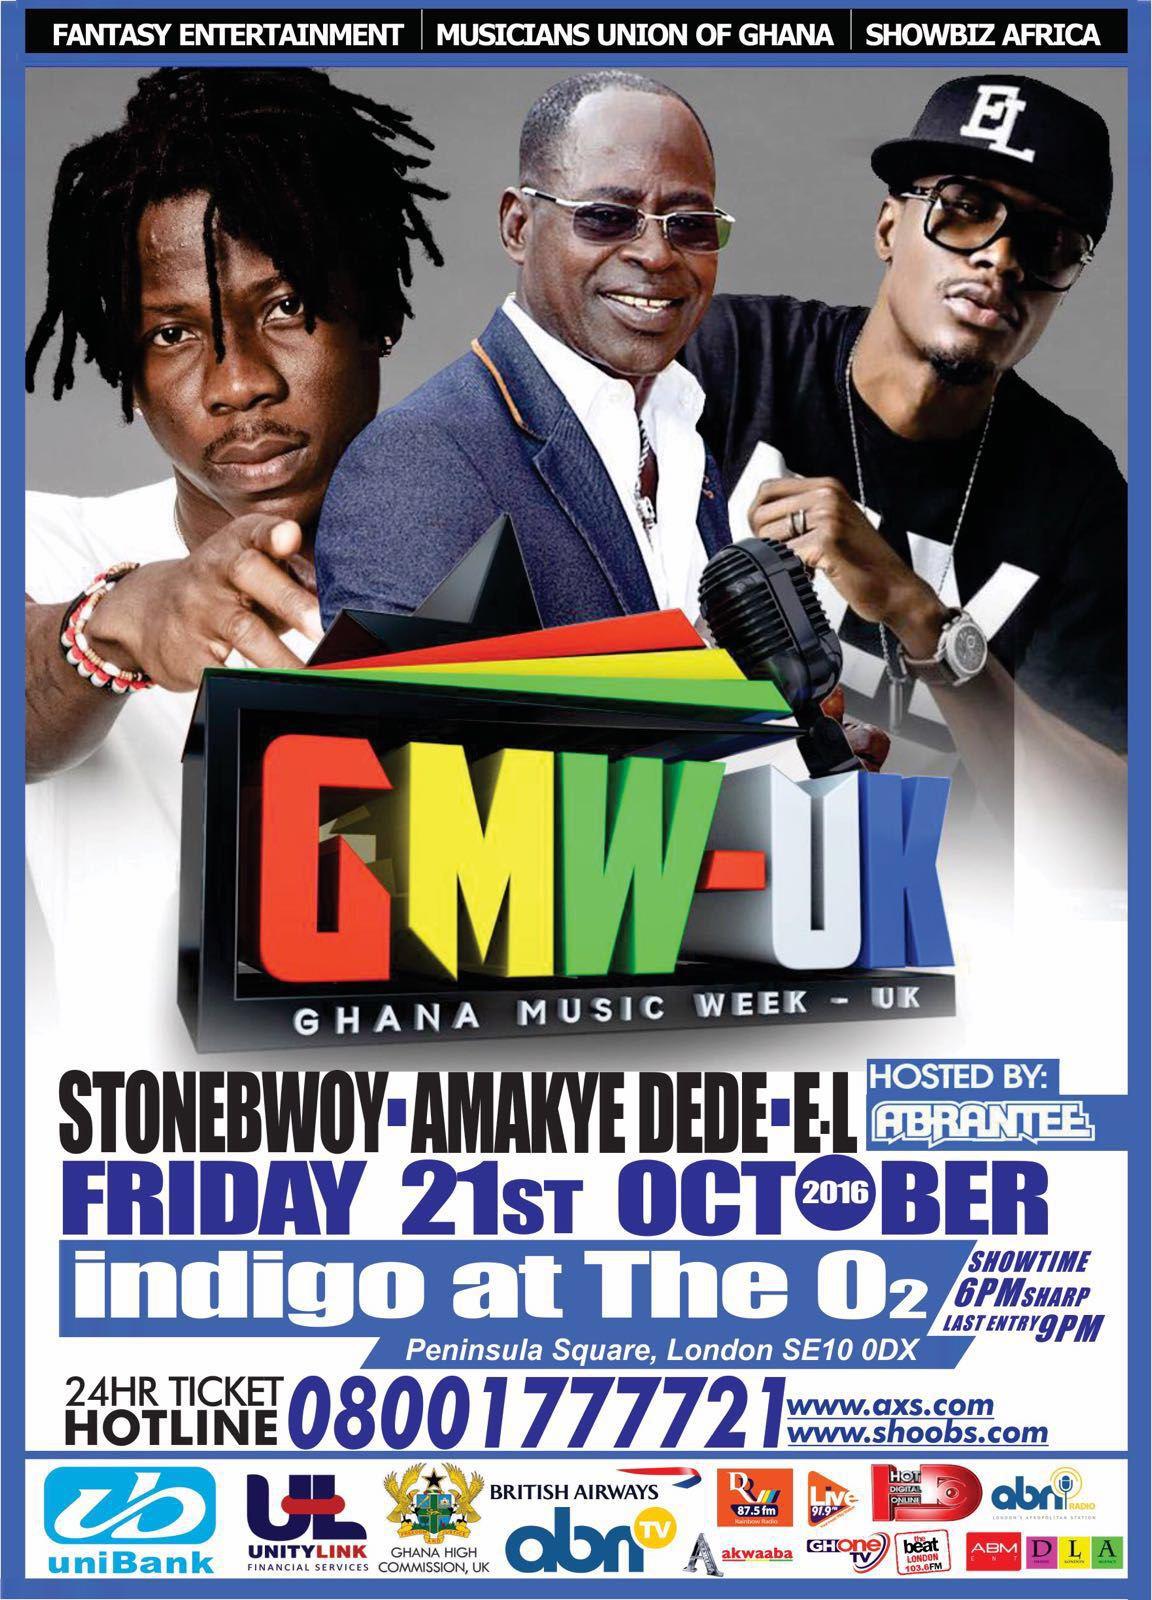 ghana-music-week-16-09-2016andrew